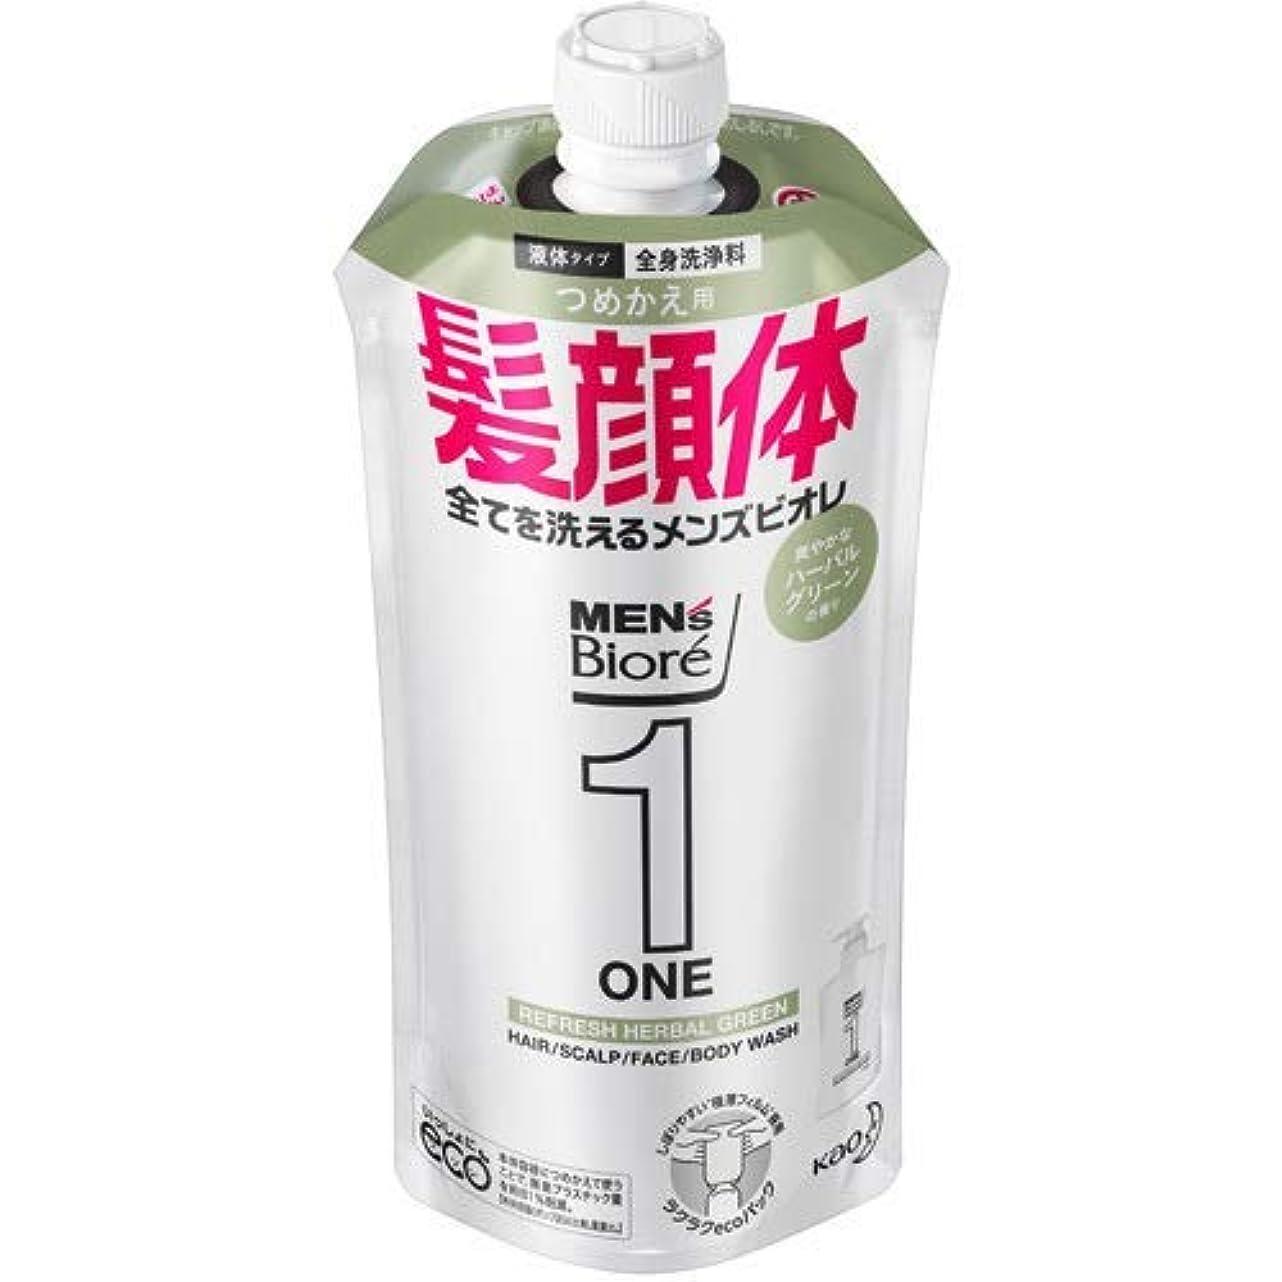 メッセージ兄ゆるい【10個セット】メンズビオレONE オールインワン全身洗浄料 爽やかなハーブルグリーンの香り つめかえ用 340mL